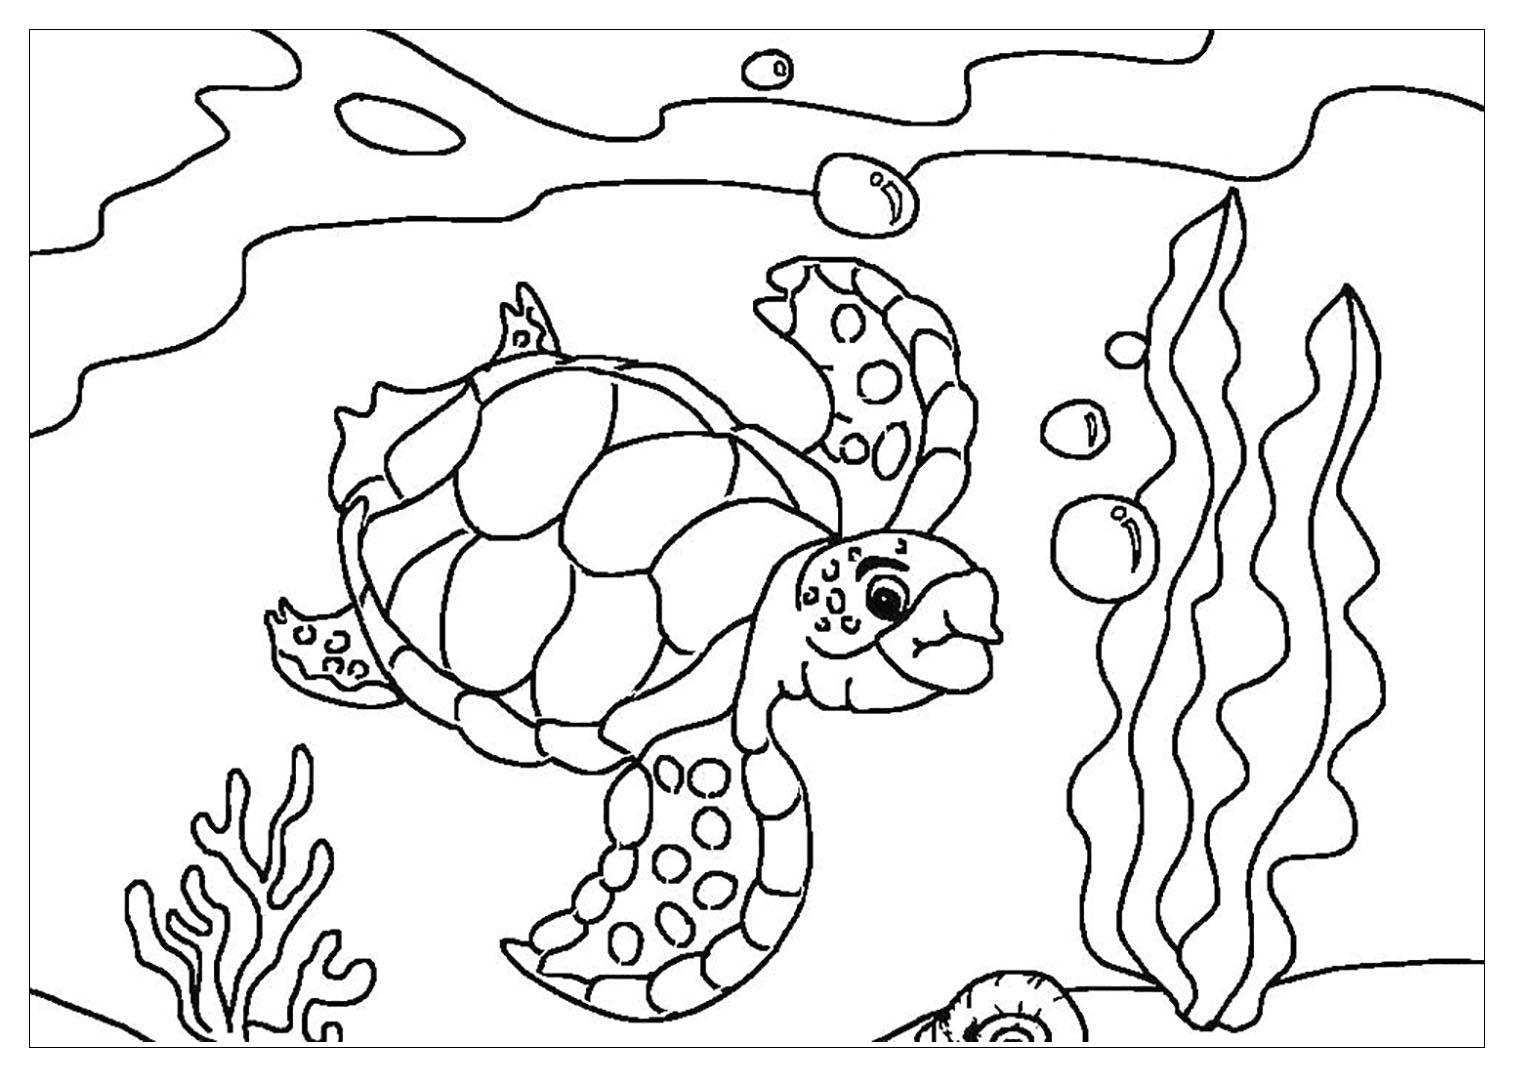 Tranh cho bé tô màu con rùa dưới đại dương